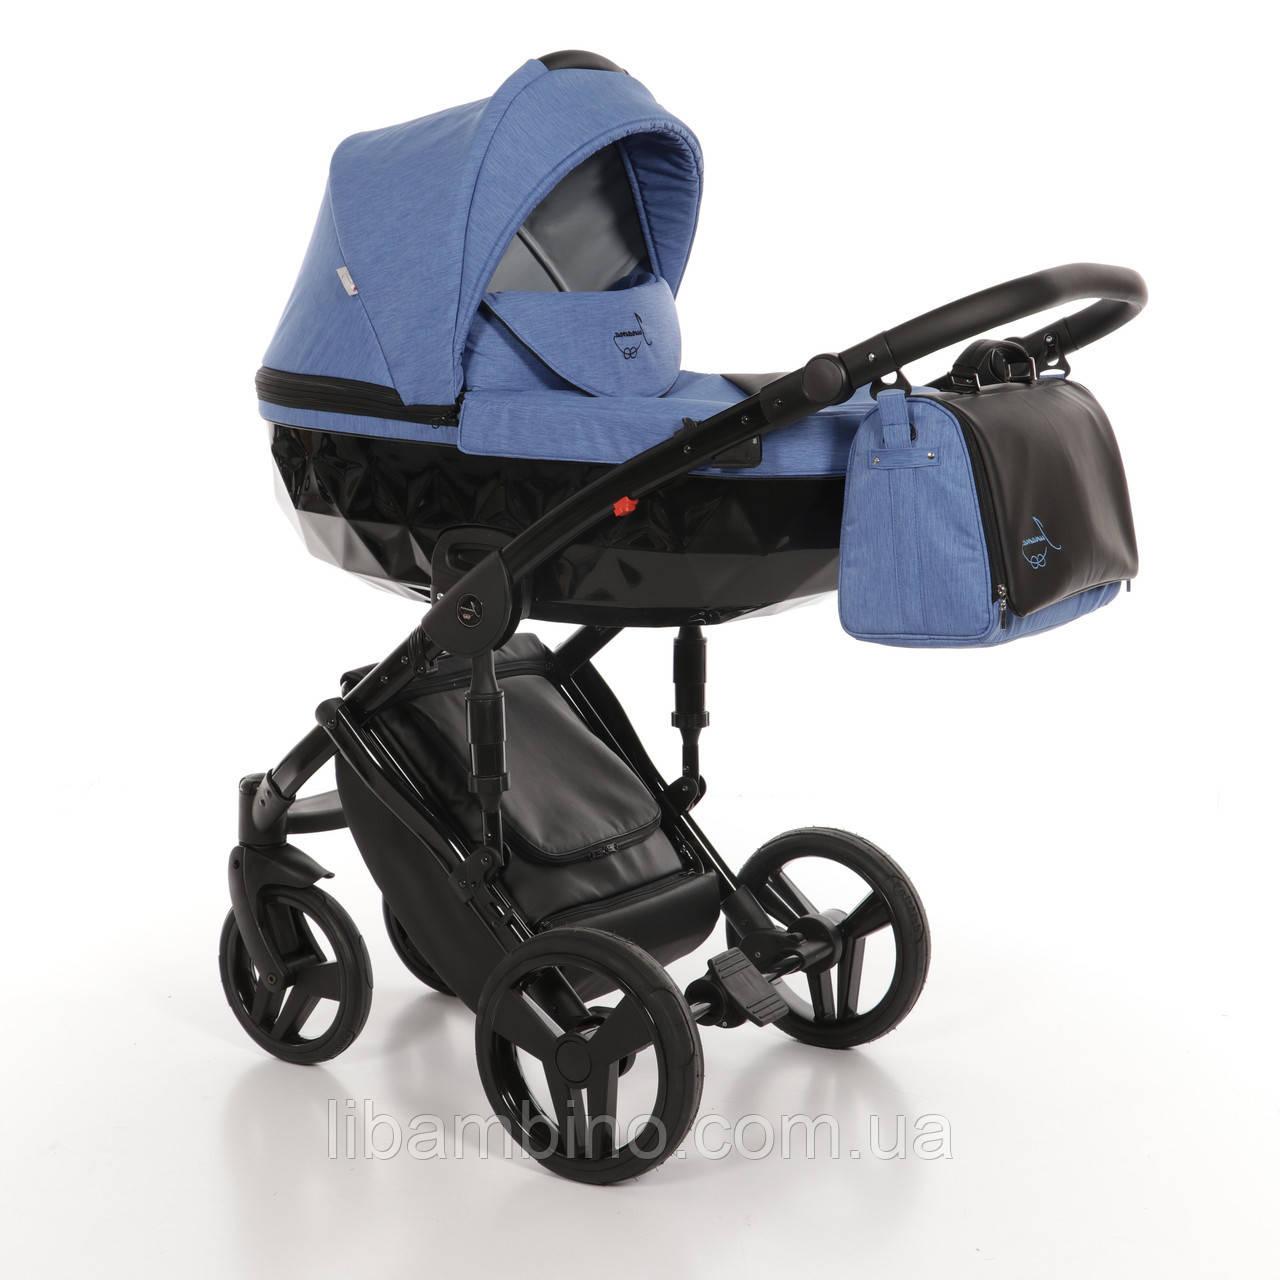 Дитяча універсальна коляска 2 в 1 Junama Diamond 09